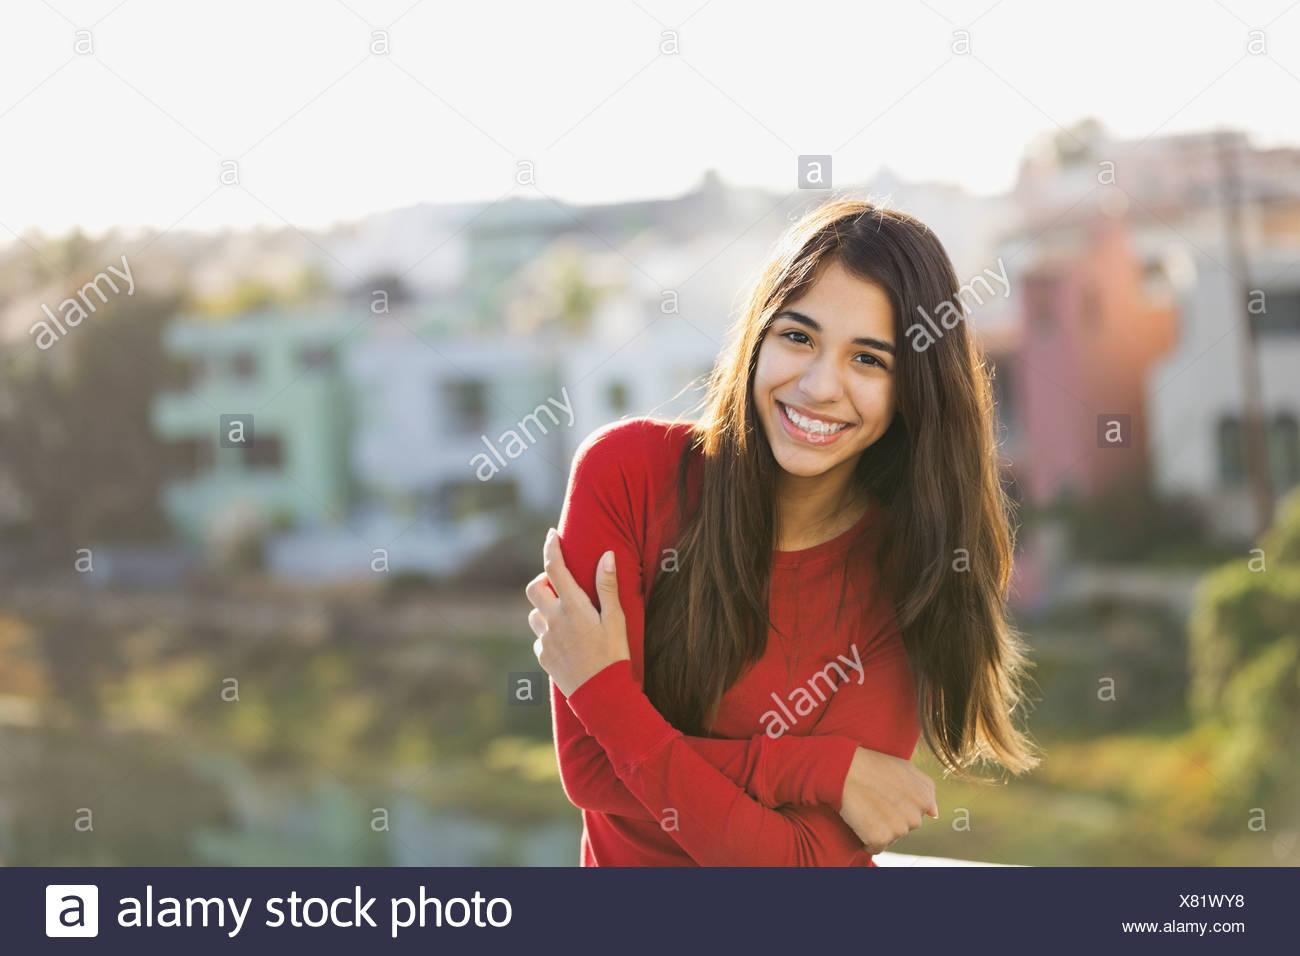 Retrato de niña de pie afuera Imagen De Stock